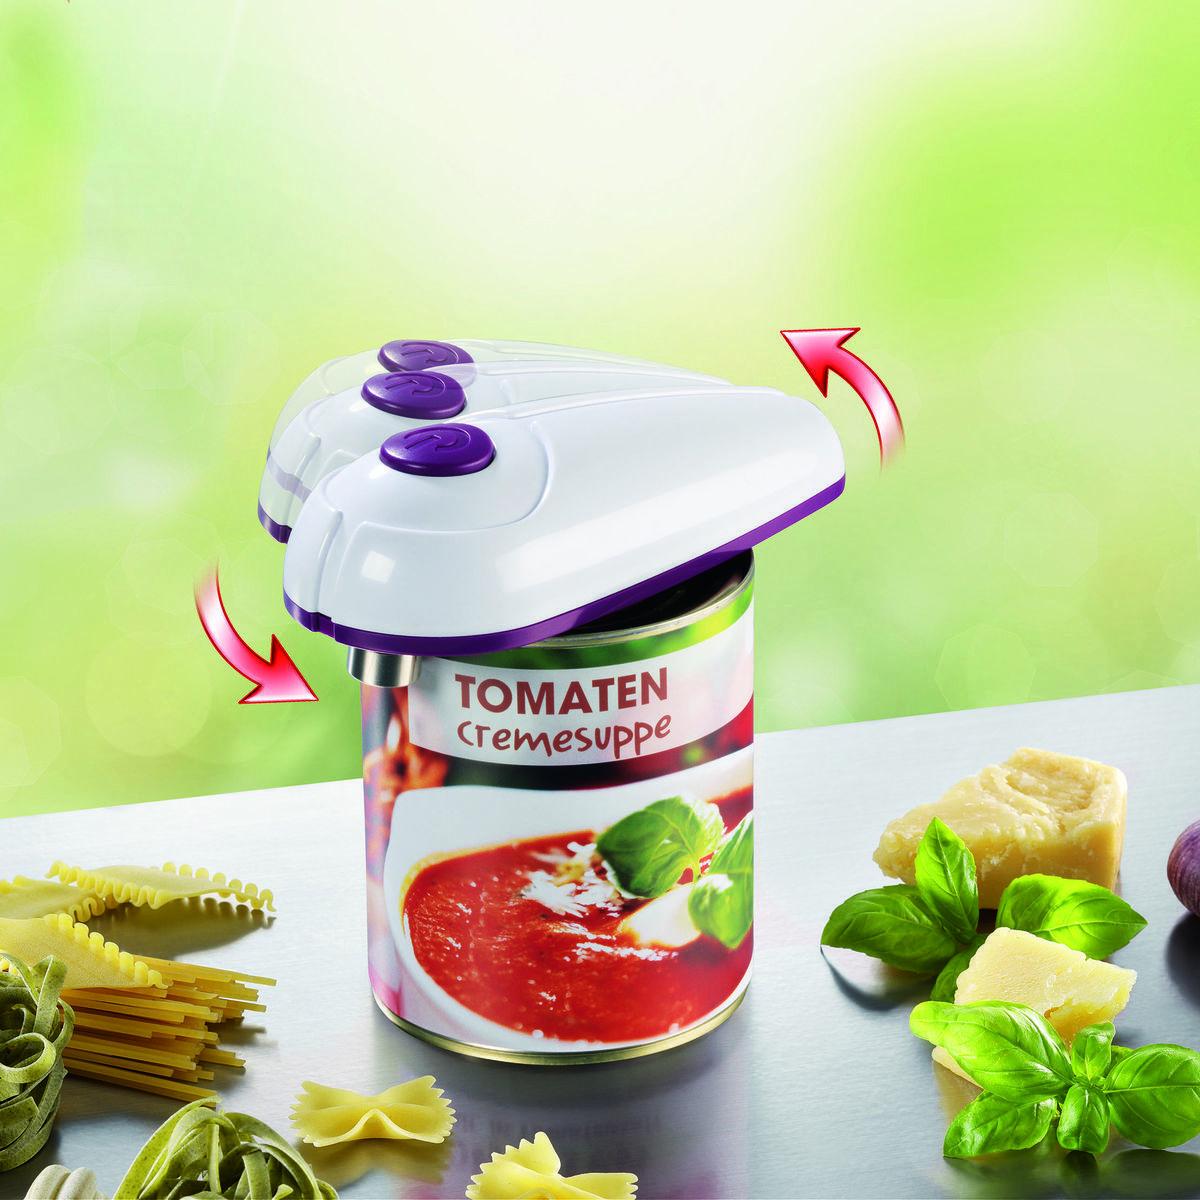 Bild 3 von Gourmetmaxx Vollautomatischer Dosenöffner, weiß/lila